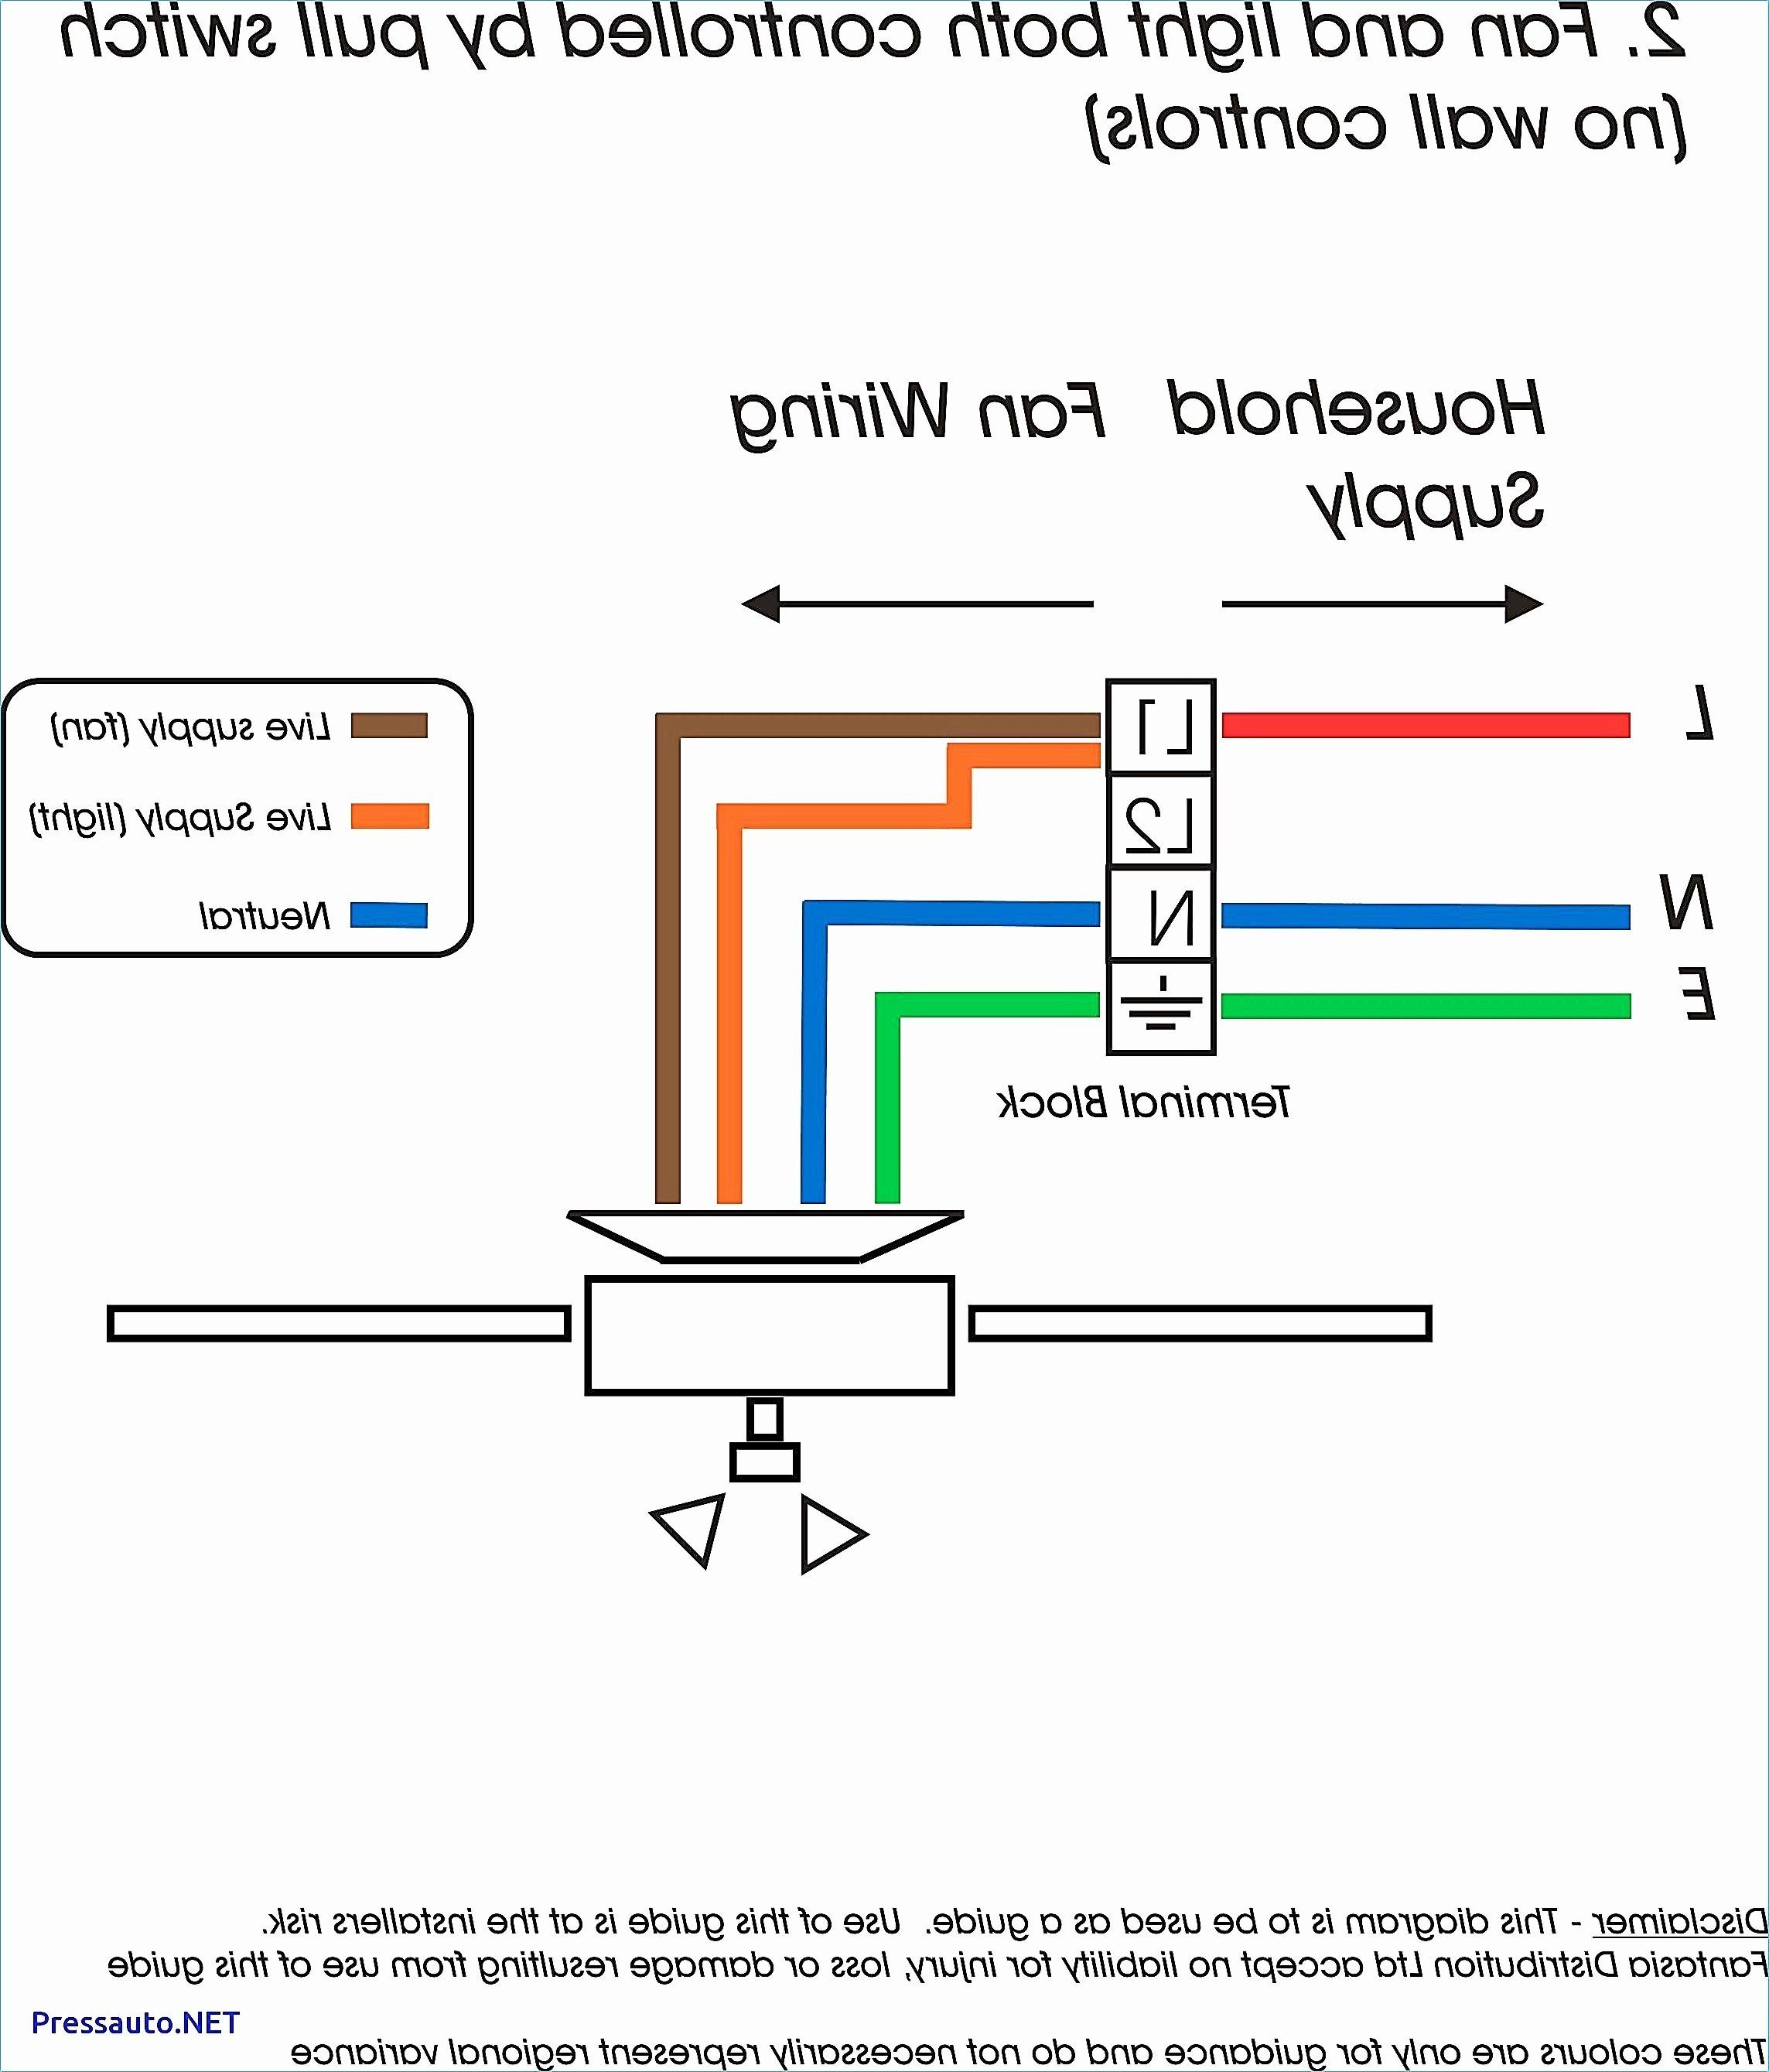 2005 Hyundai Elantra Engine Diagram Bb2 Santa Fe Engine Diagram 2009 Of 2005 Hyundai Elantra Engine Diagram